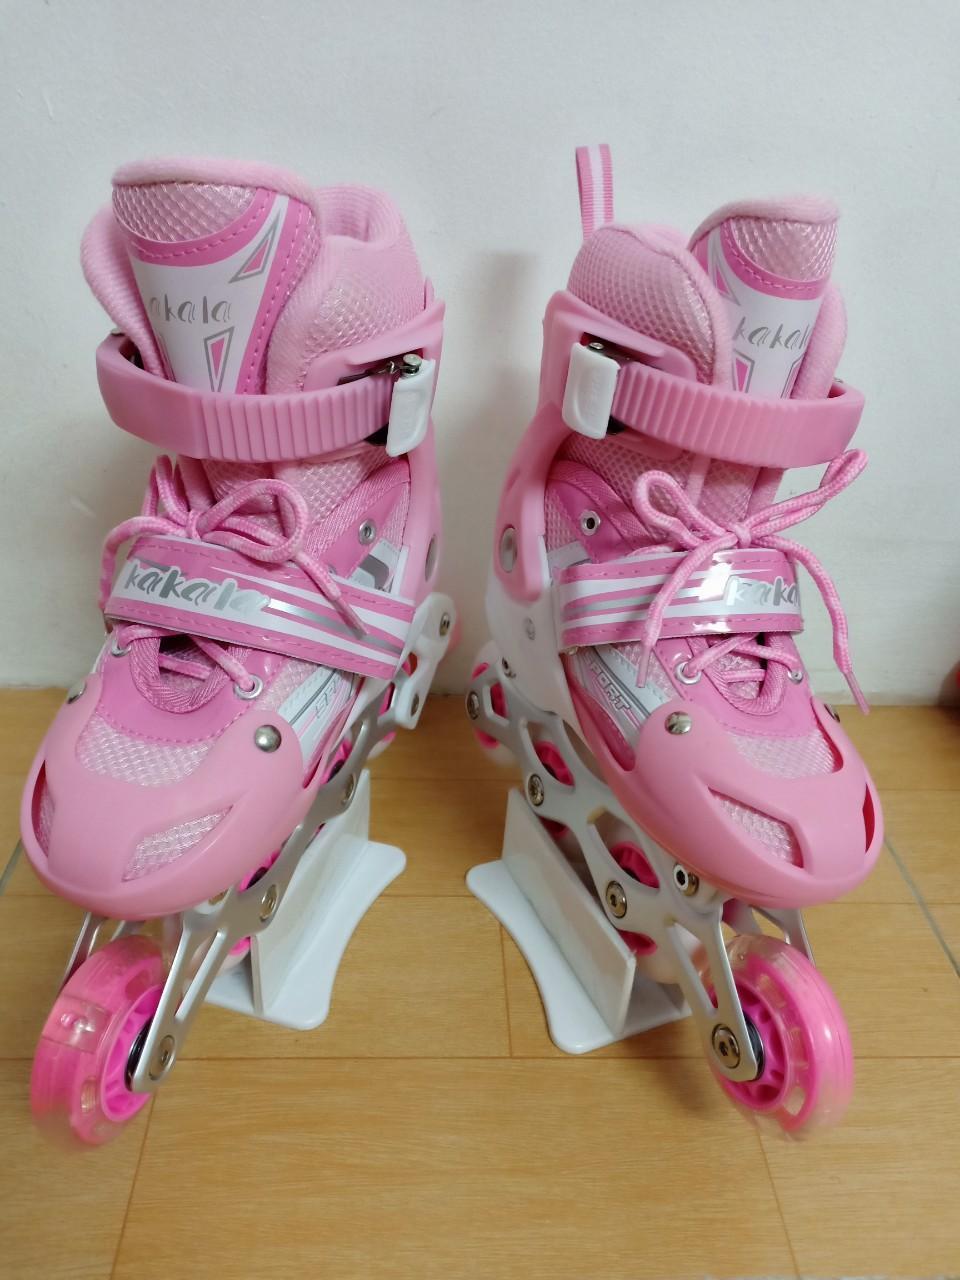 Mua Giày trượt Patin trẻ em màu hồng sen